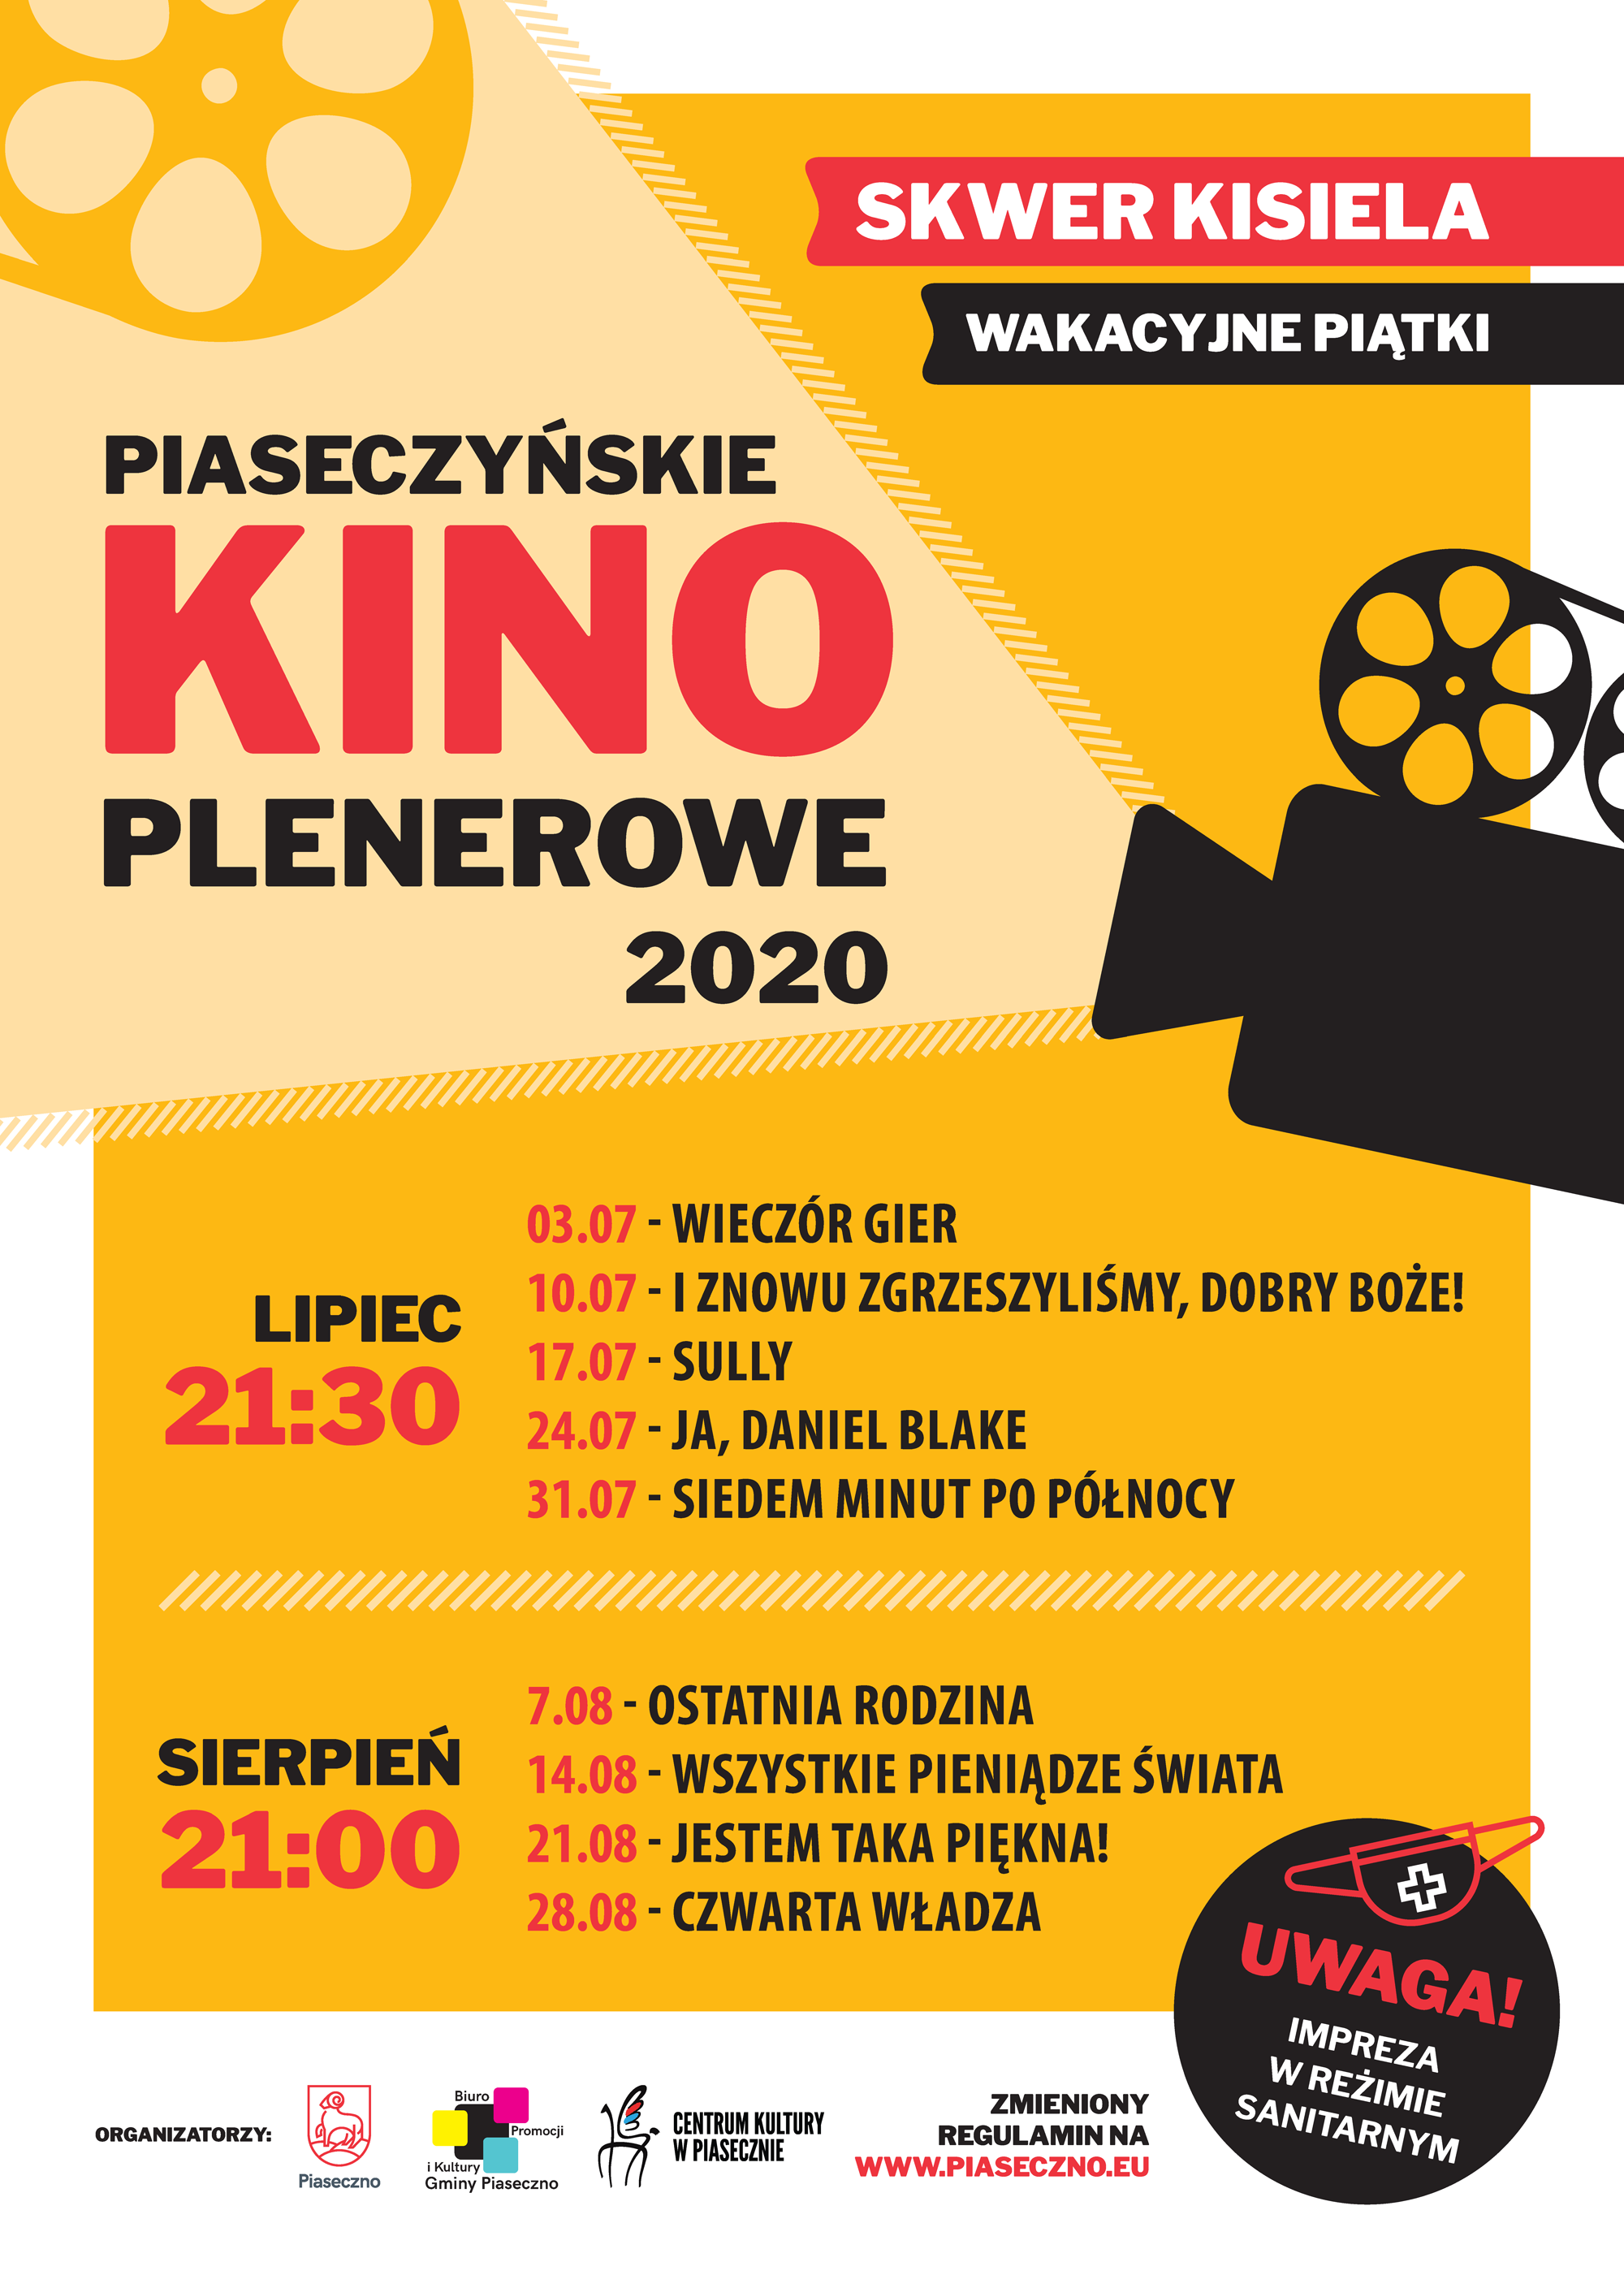 piaseczynskie kino plenerowe 2020 -plakat